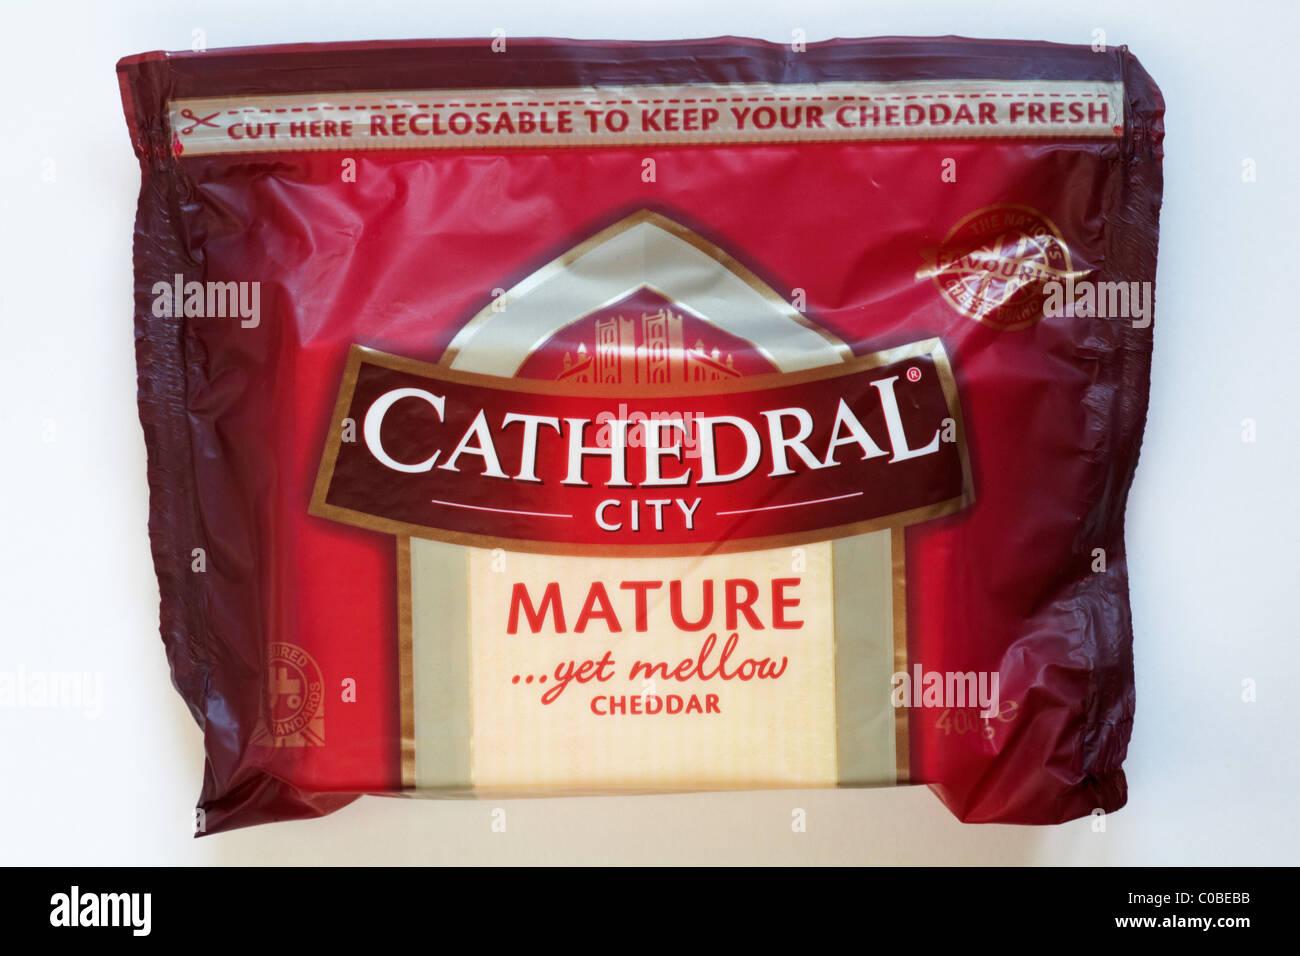 Il pacchetto della cattedrale della città di maturare ancora mellow il formaggio cheddar isolati su sfondo Immagini Stock